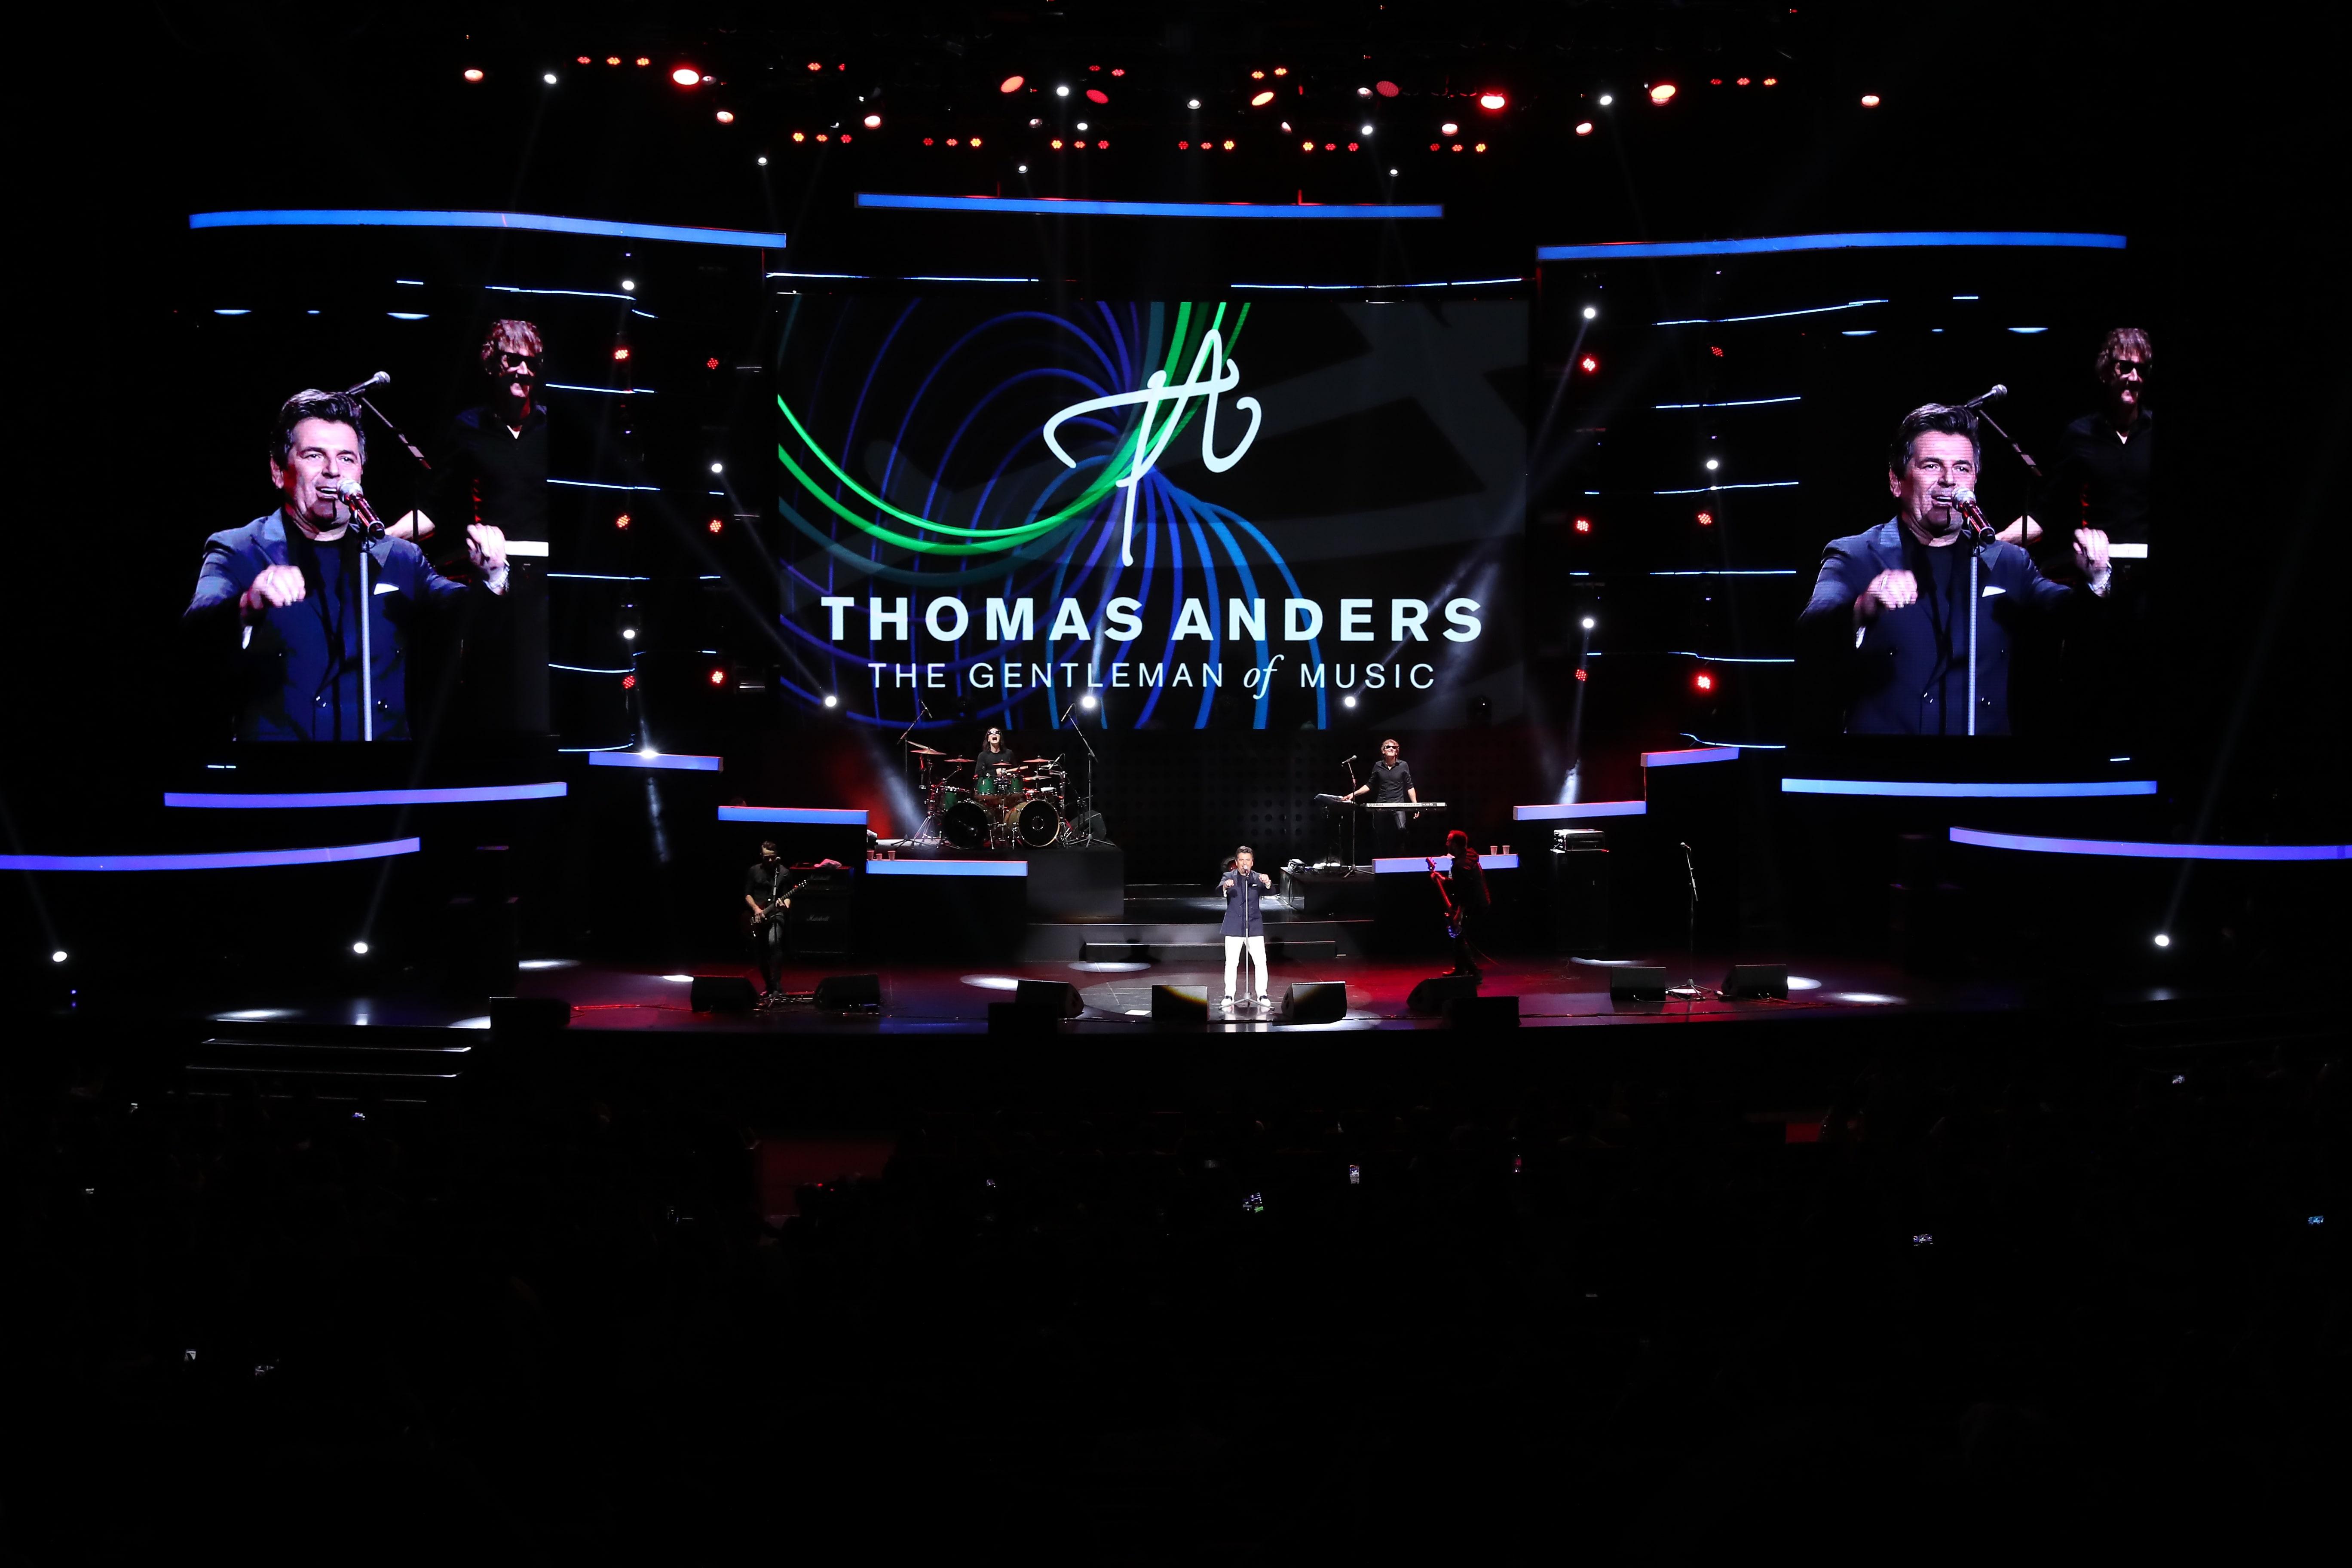 Tối 7/3, đêm nhạc của Thomas Anders – giọng ca chính nhóm Modern Talking – diễn ra tại Trung tâm Hội nghị Quốc gia Hà Nội. Đây là lần thứ hai ông biểu diễn ở Việt Nam, sau liveshow cuối năm 2016.Tuy vậy, sức hút của nam ca sĩ người Đức không hề suy giảm. Chương trình bắt đầu lúc 20h30 nhưng từ trước đó nửa tiếng, hàng dài khán giả xếp hàng ở cửa soát vé. Gần 4.000 chỗ ngồi của khán phòng Trung tâm Hội nghị Quốc gia gần như được lấp kín.